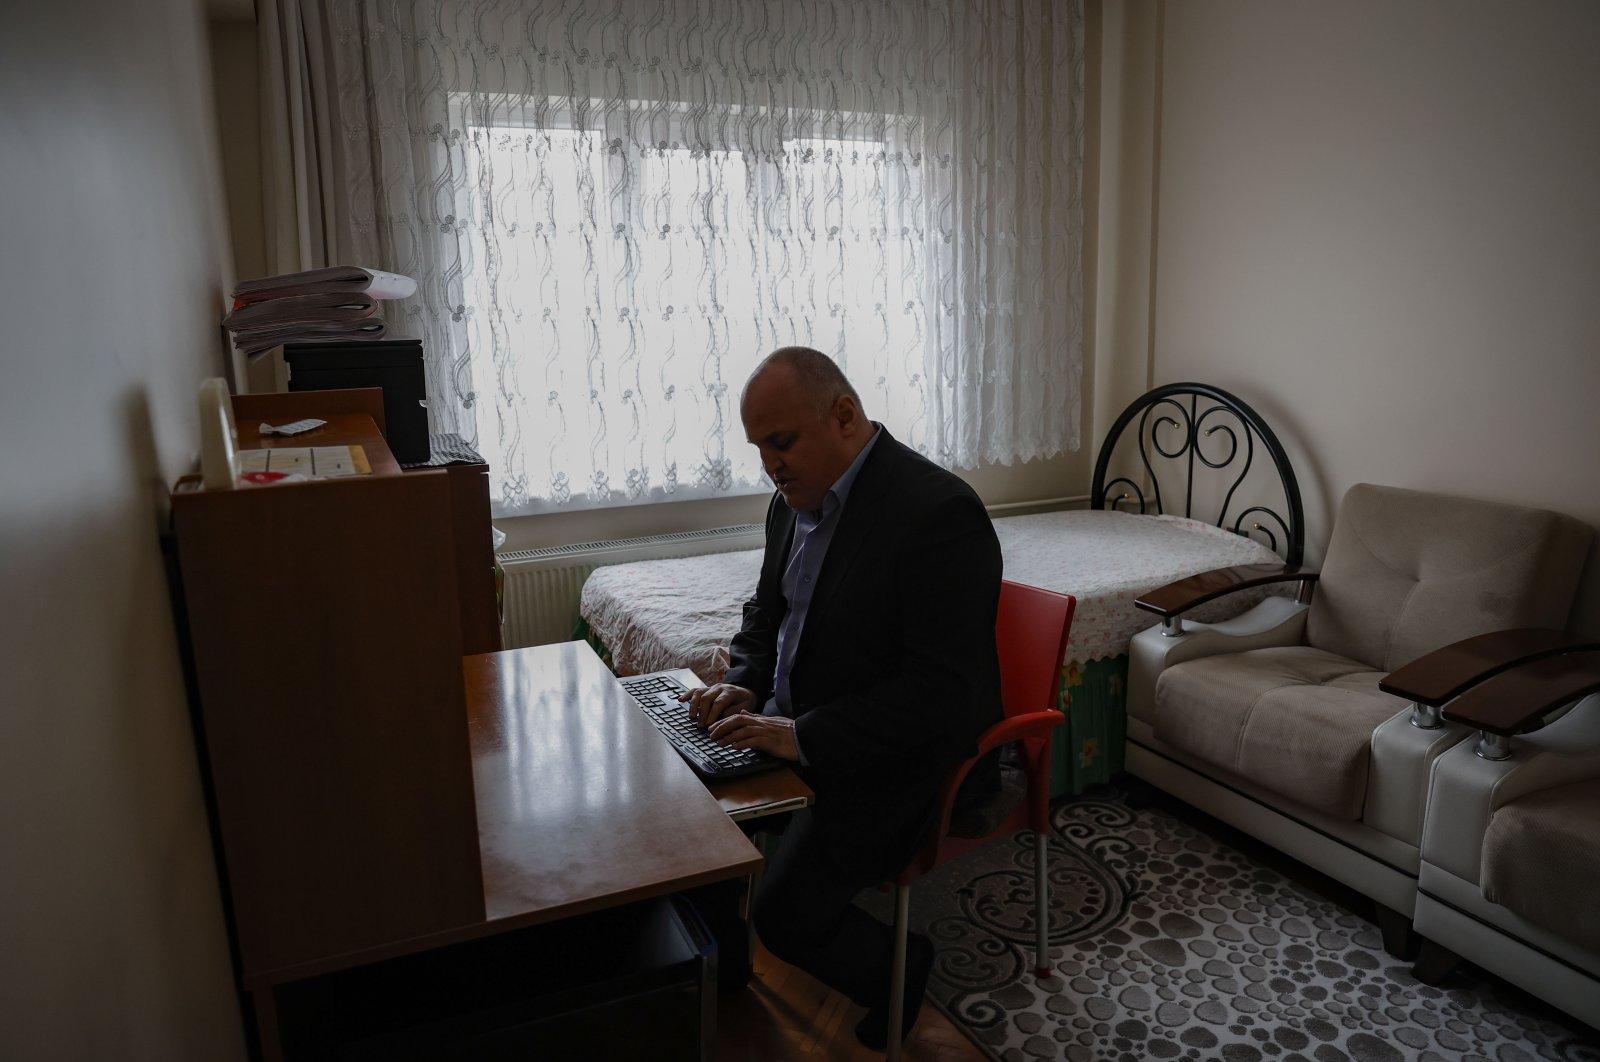 Ceyhun Demir sits at his home in the capital Ankara, Turkey, Dec. 2, 2020. (AA Photo)